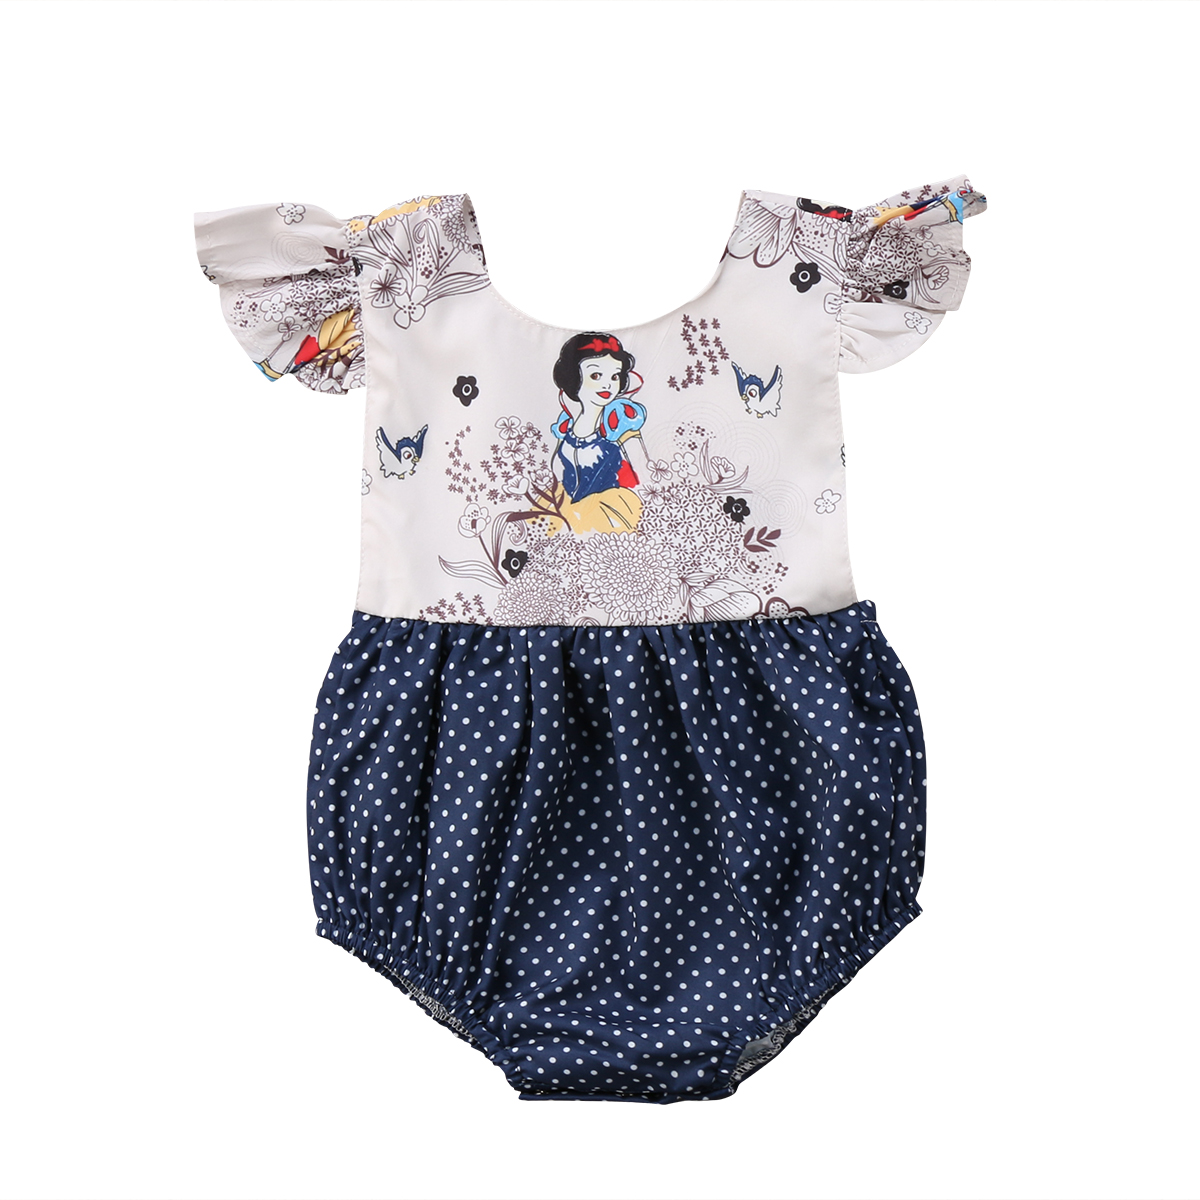 Toddler Baby Girl Kids Watermelon Romper Jumpsuit Bodysuit Flying Sleeves Dress